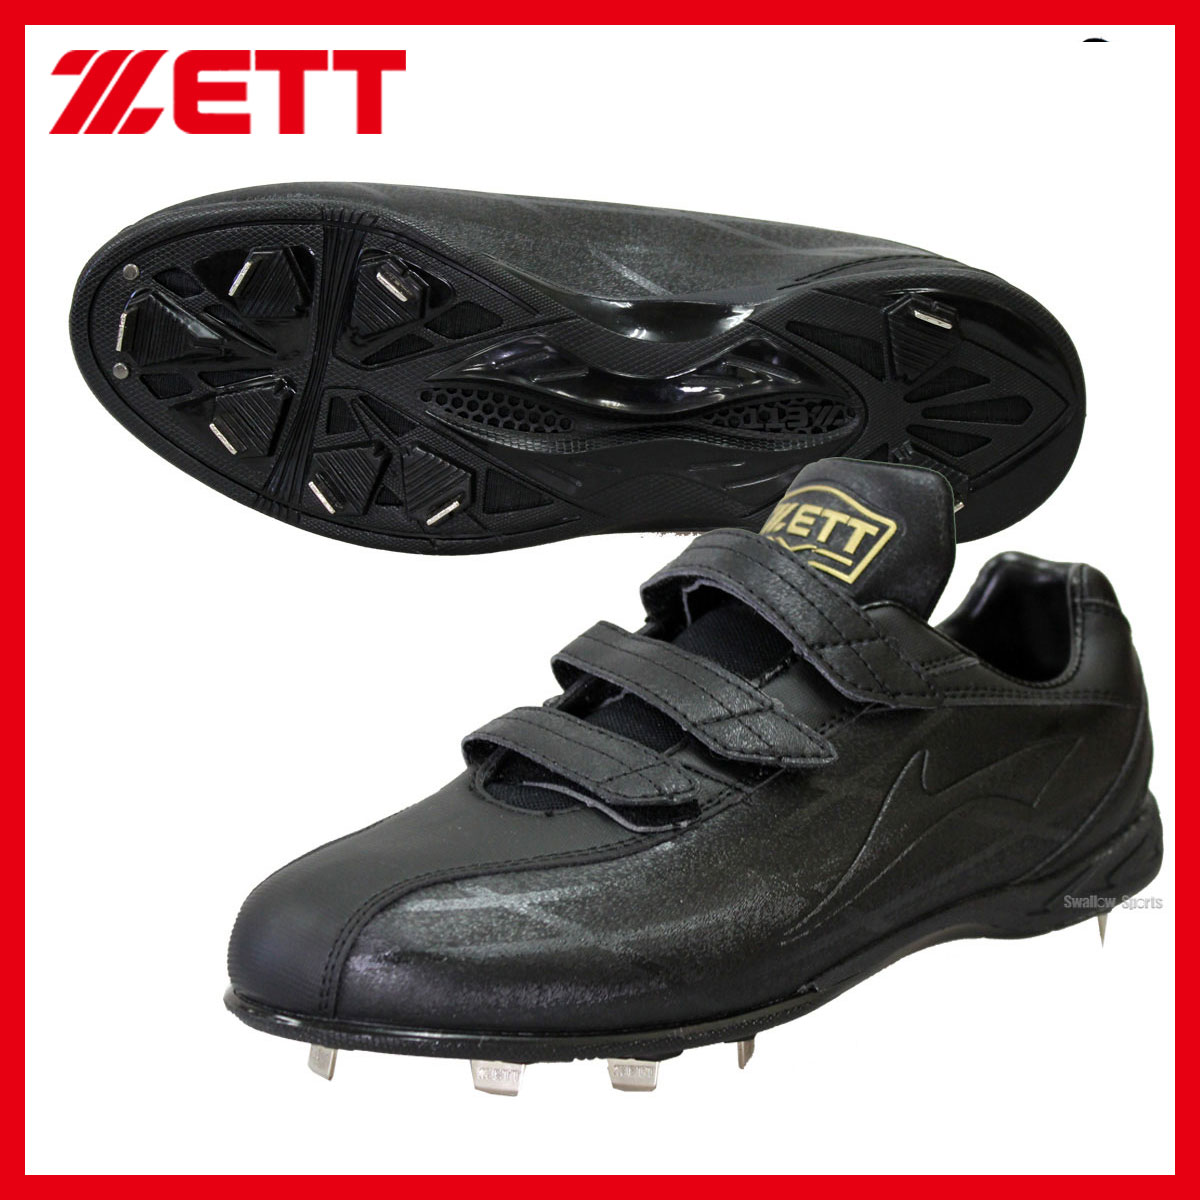 【あす楽対応】 ゼット ZETT 限定 スパイク マジックテープ ベルクロ 3本ベルト式 ウイニングロード 埋め込み 金具 BSR2276MB 【SALE】 野球部 野球用品 スワロースポーツ